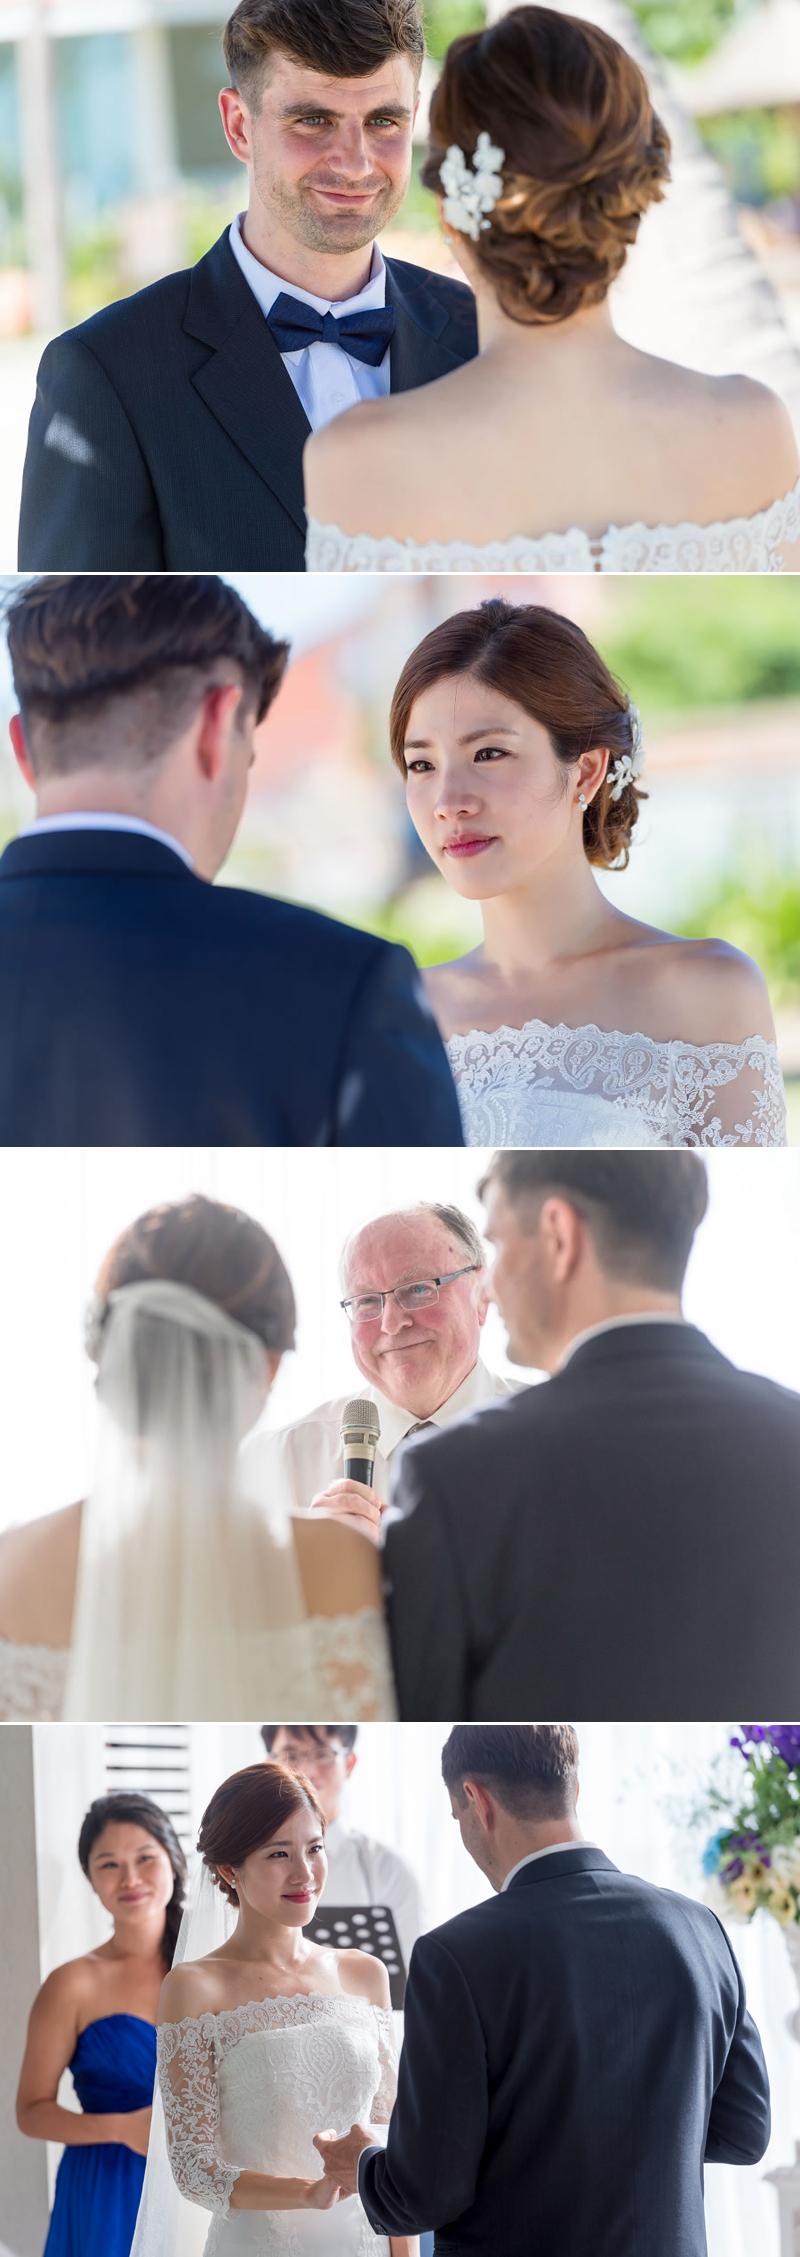 攝影師專訪|西子灣 海洋風 美式婚禮 戶外婚禮 - 婚攝 Roger Wu, Maggie & Jon 04